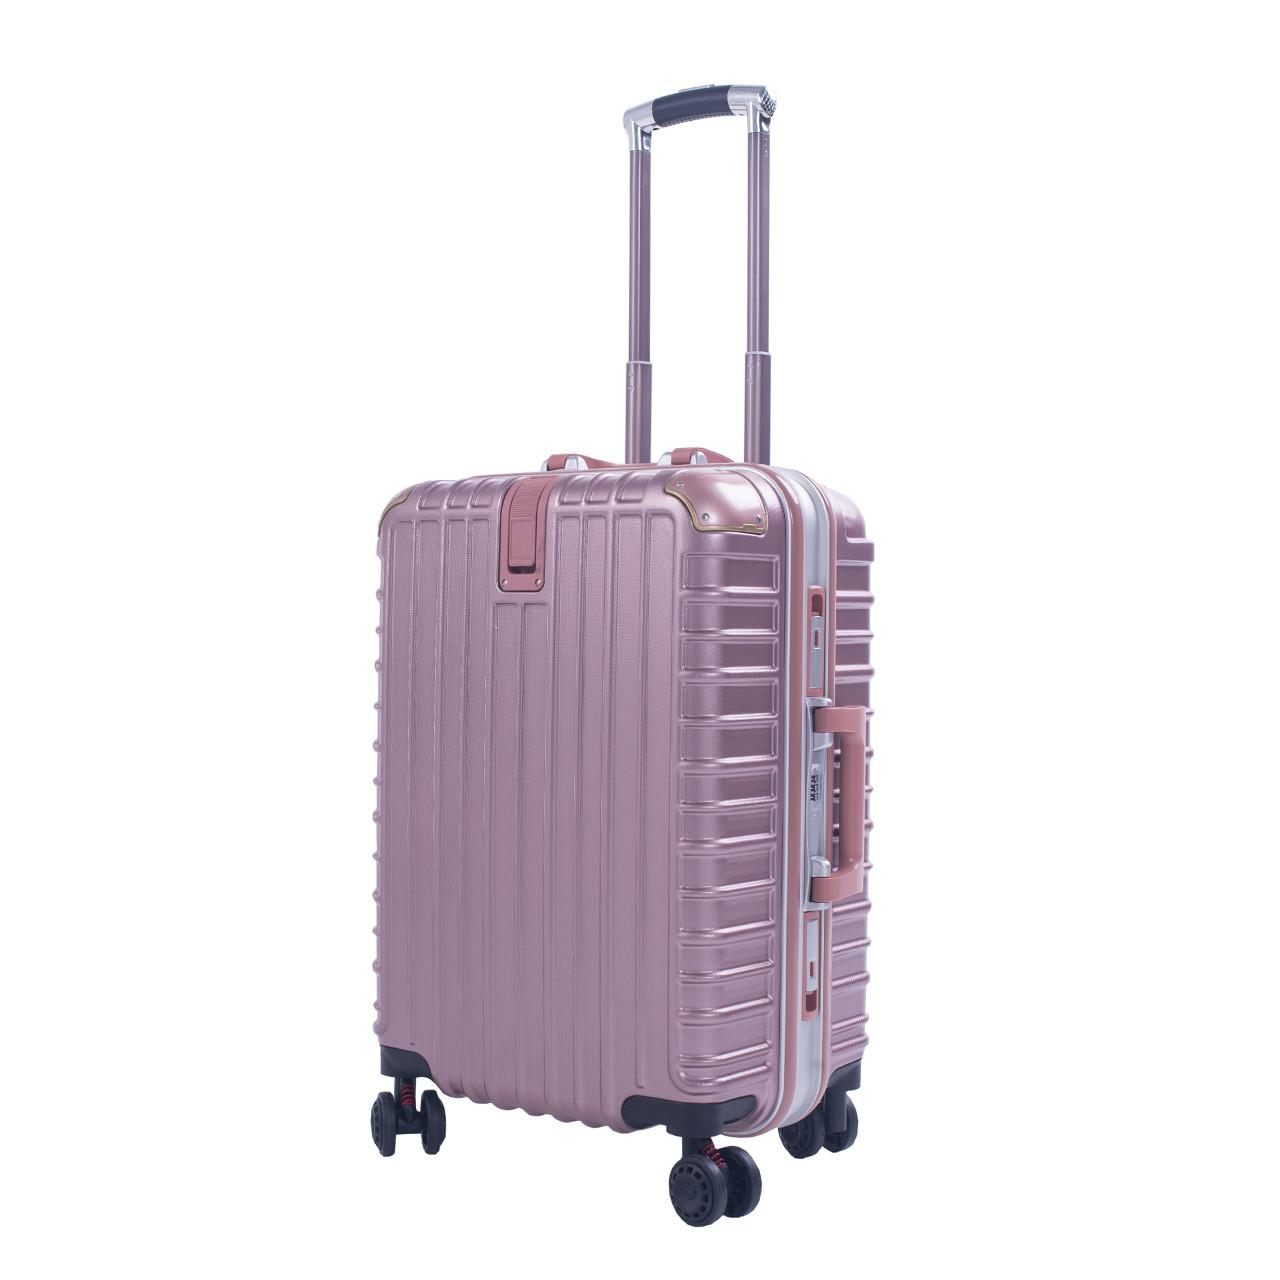 Валіза 4 колеса Baghouse пластиковий 39х55х27, колір рожевий кс801мроз